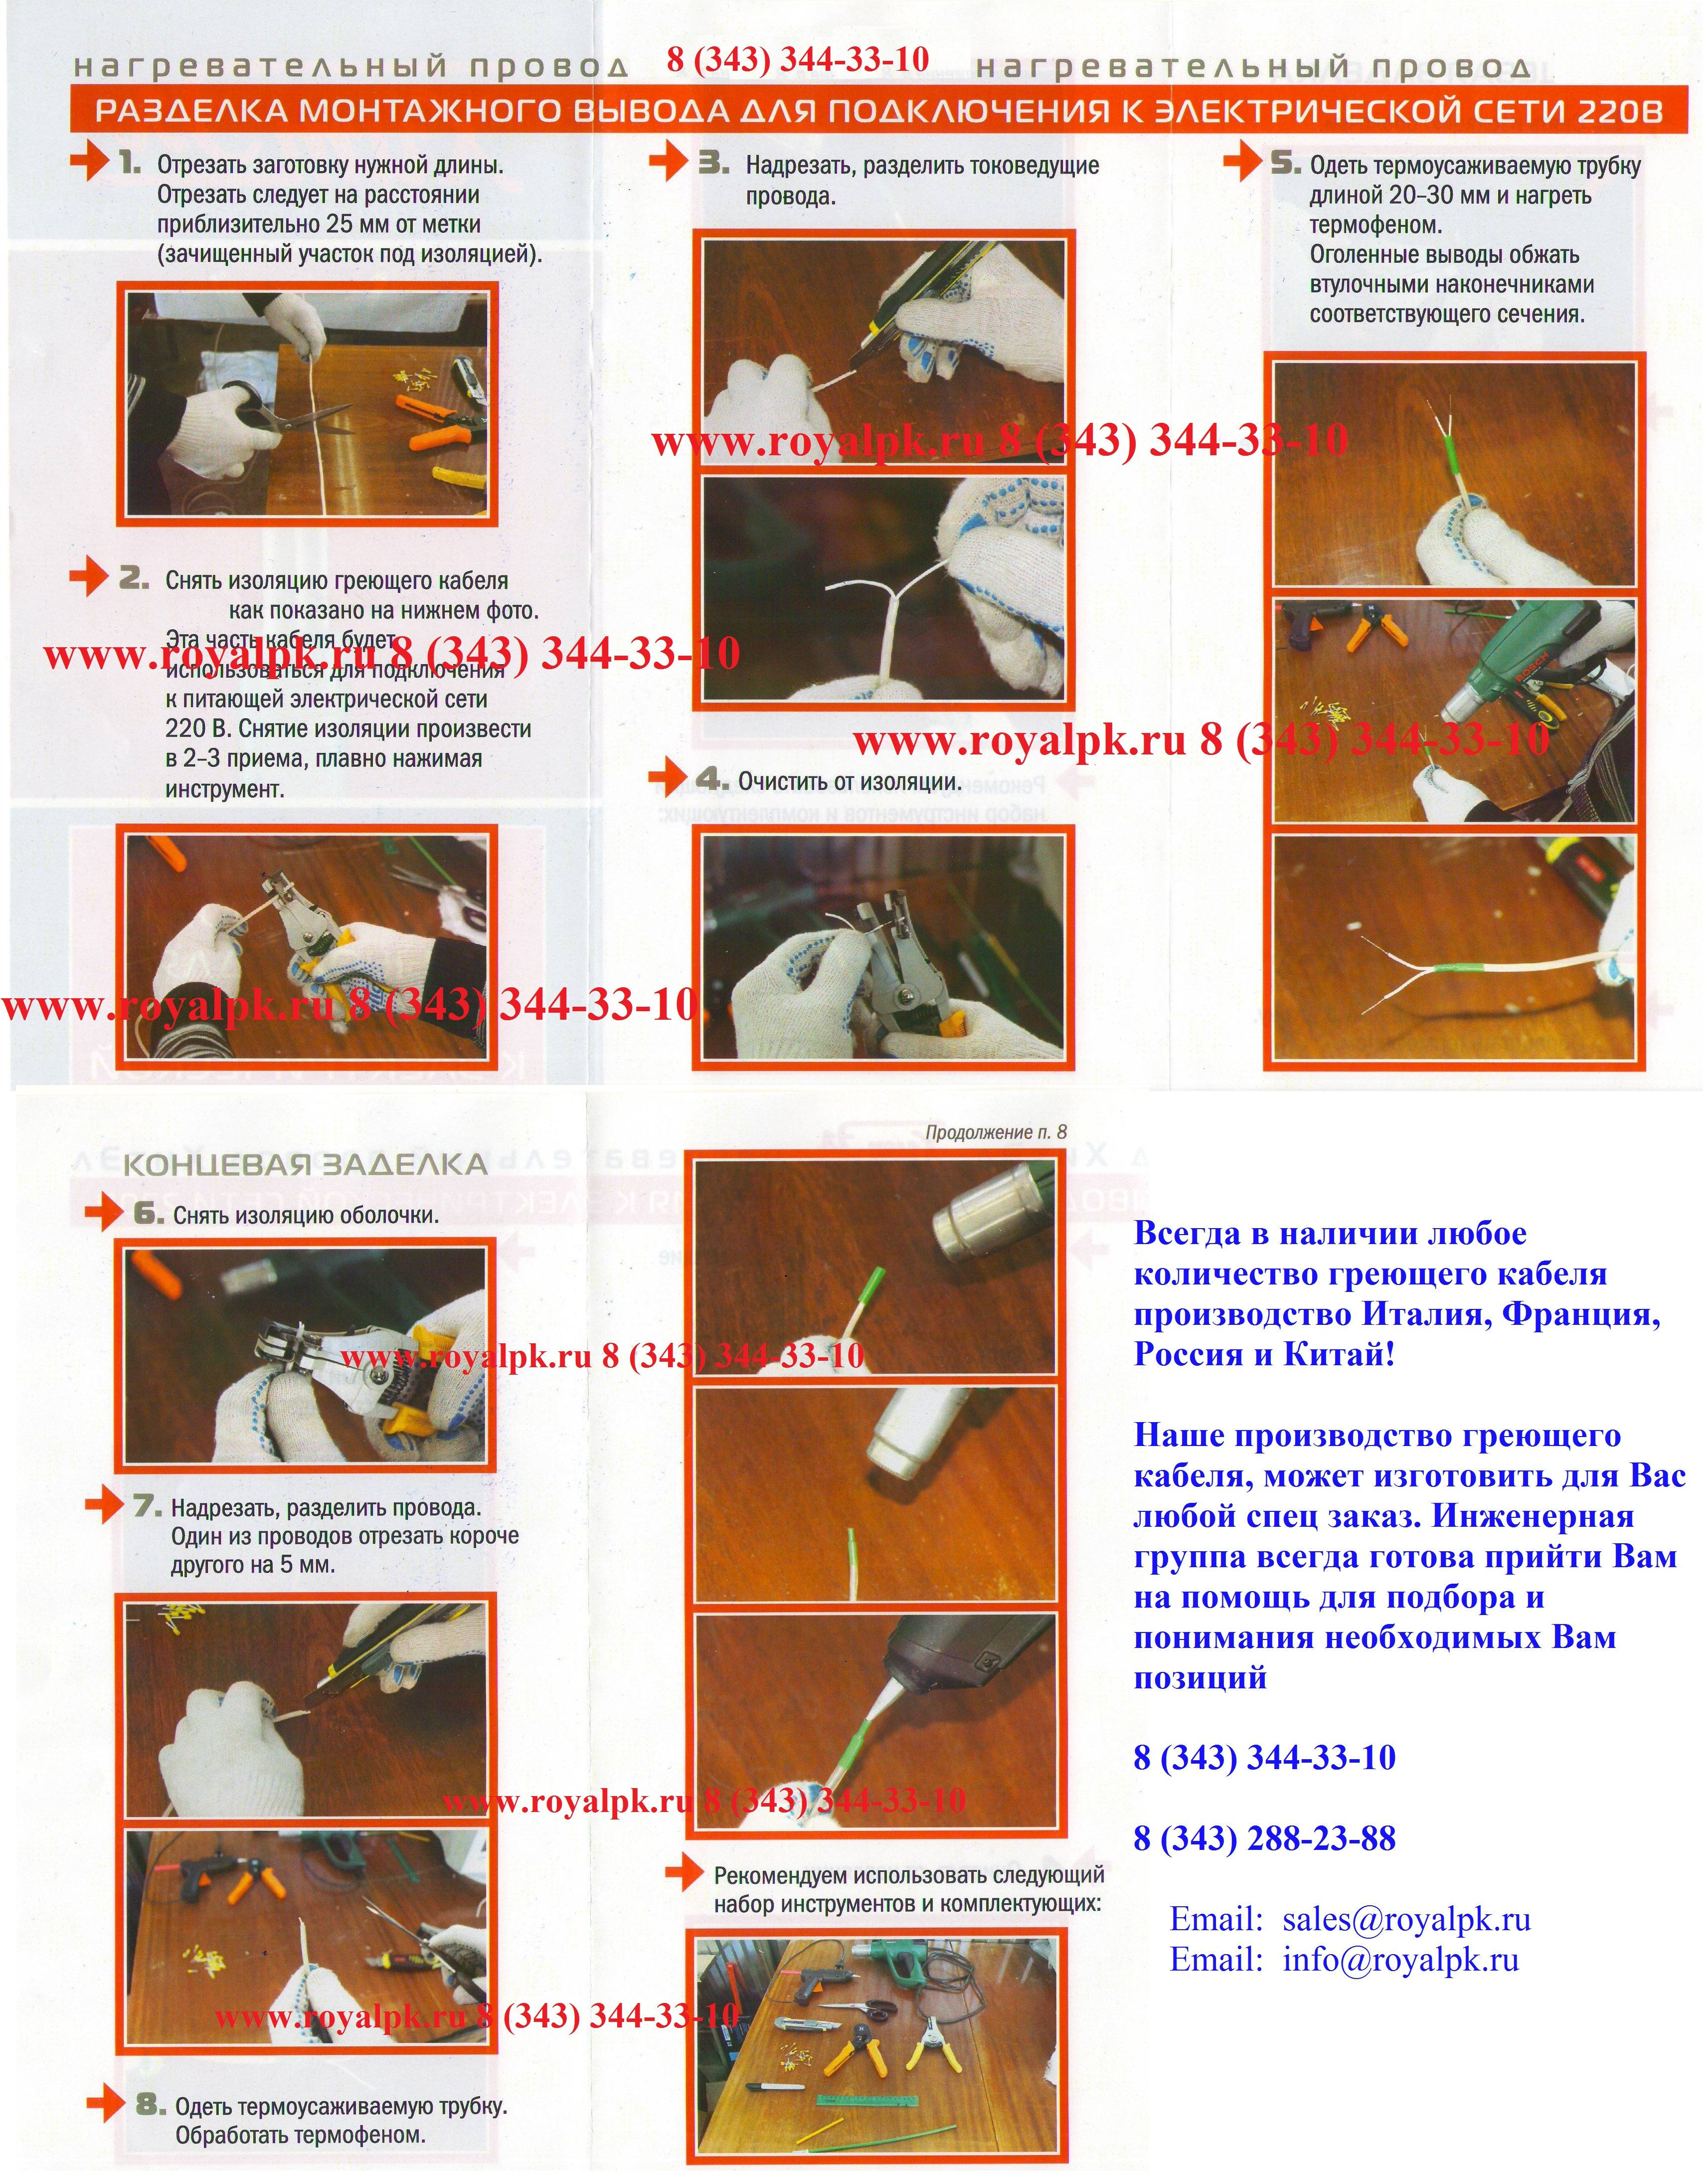 микропроцессор eliwell инструкция